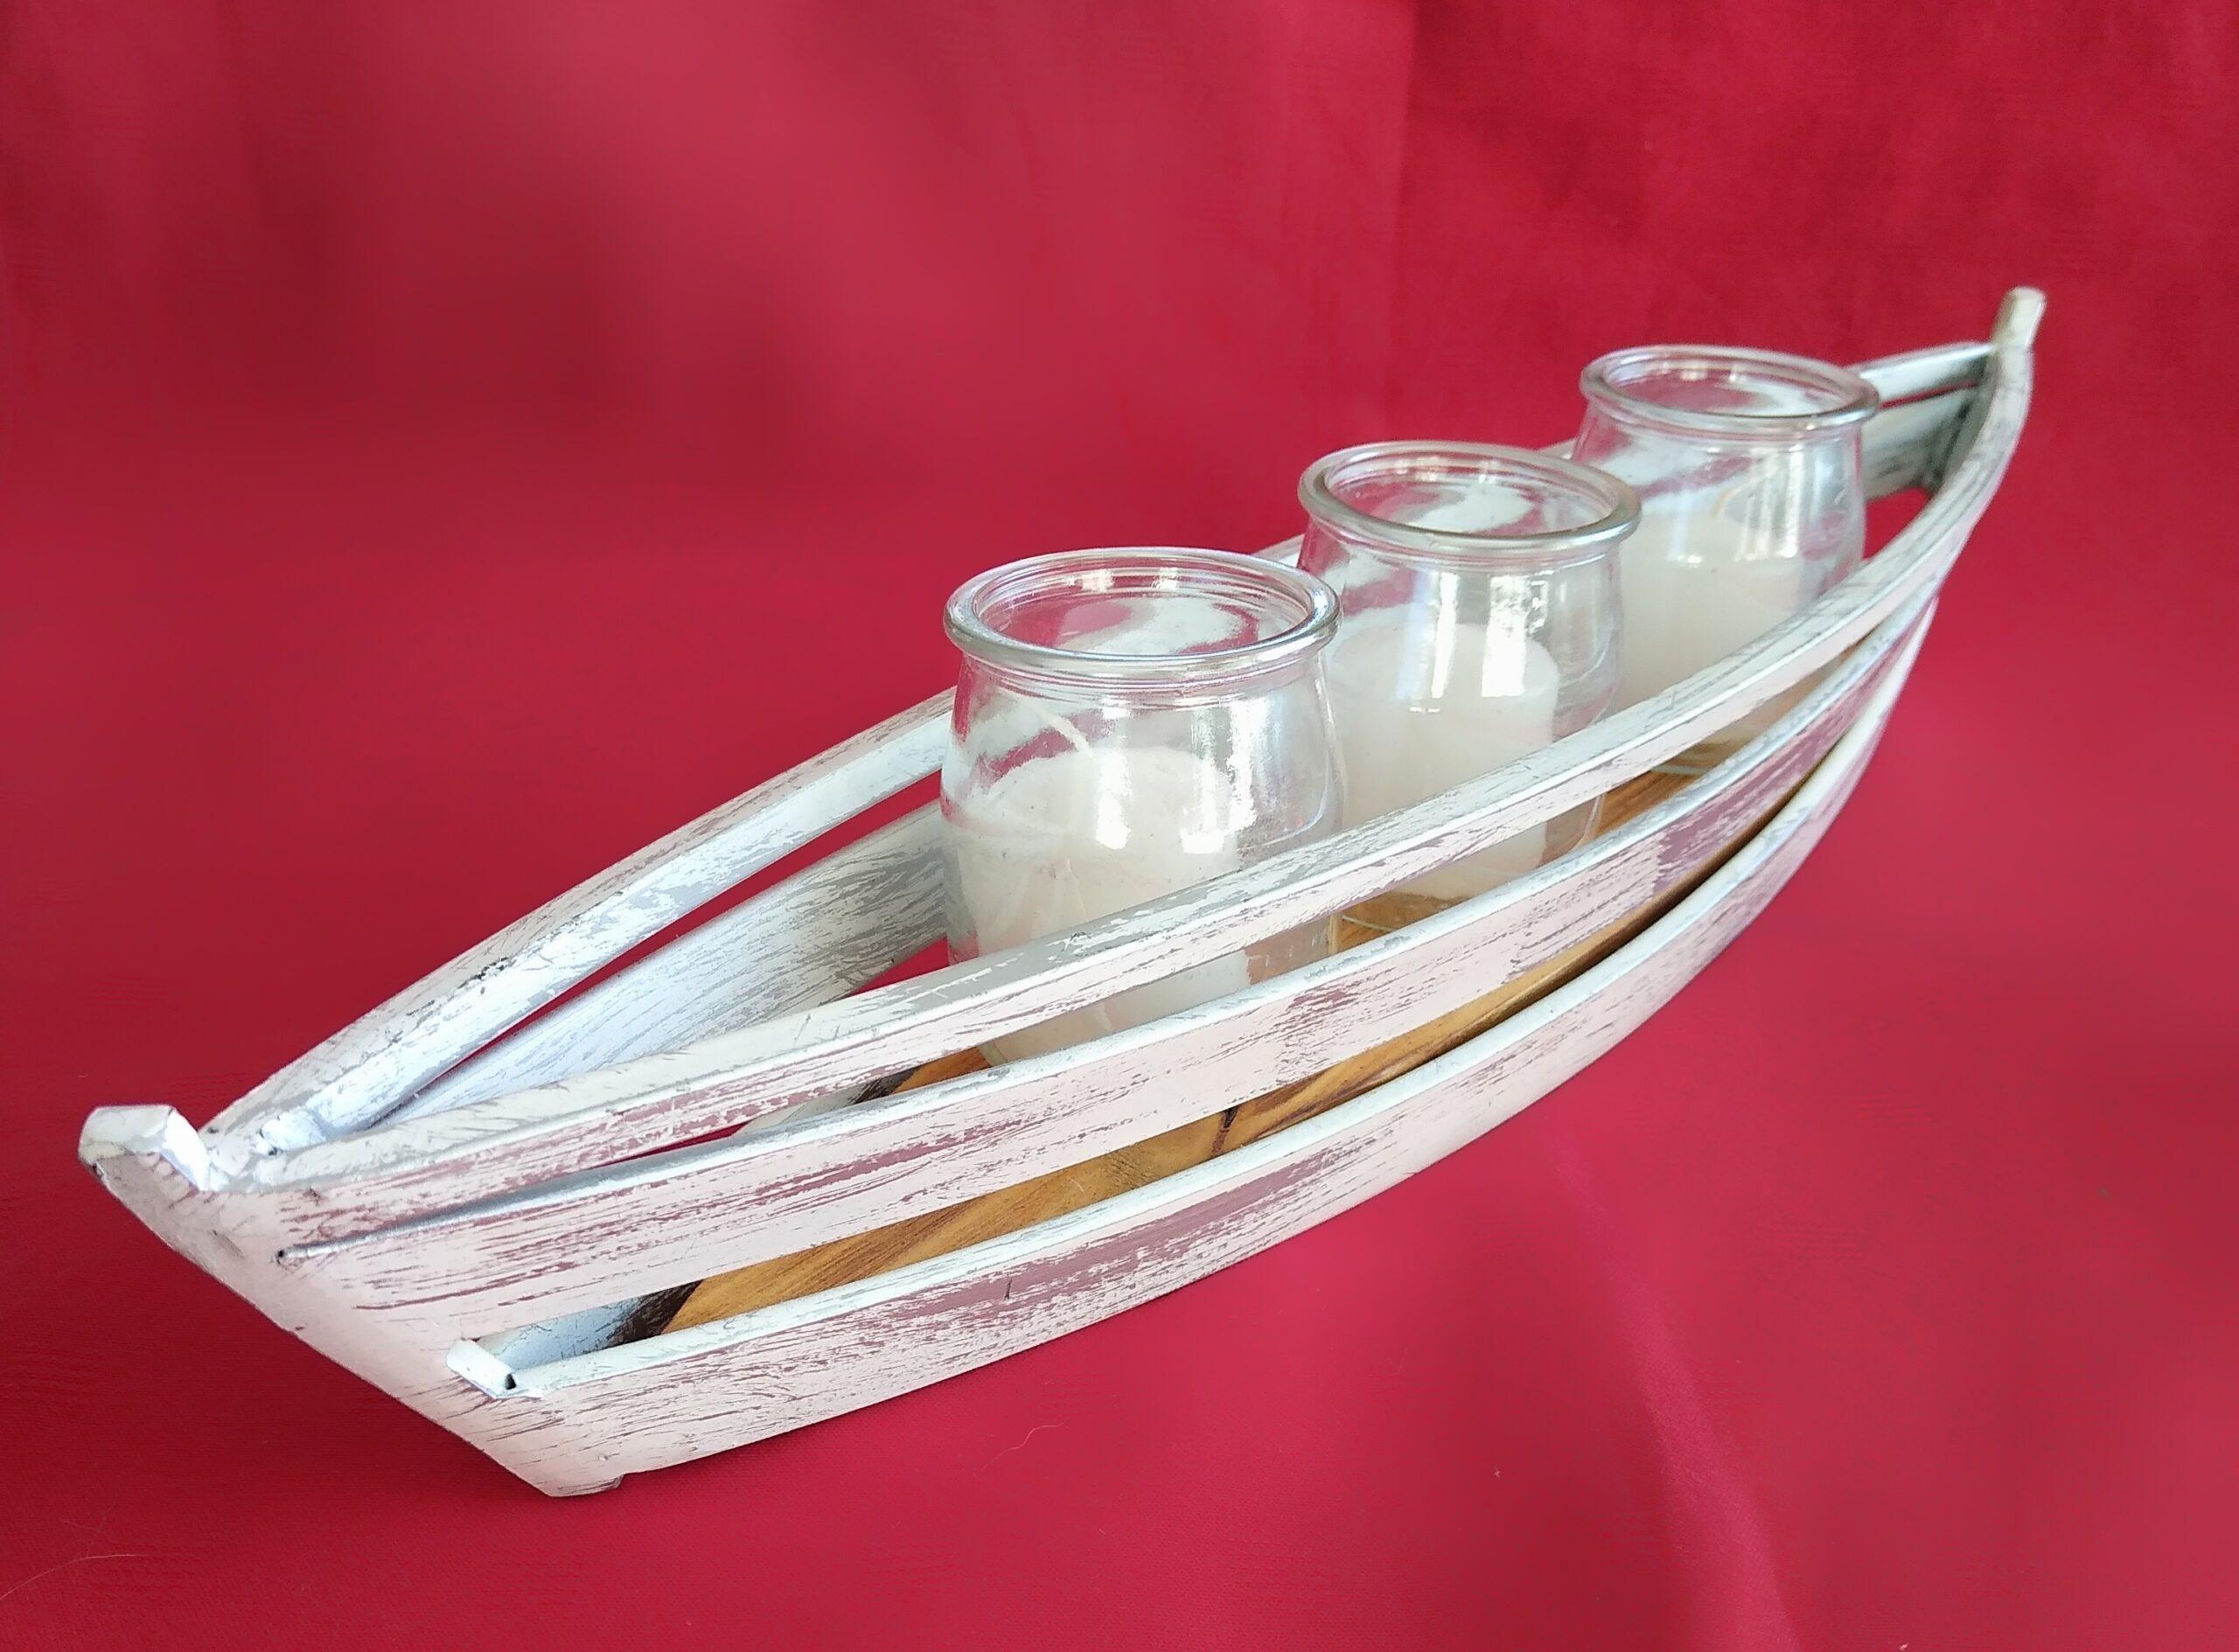 świecznik marynistyczny, żeglarski łódź